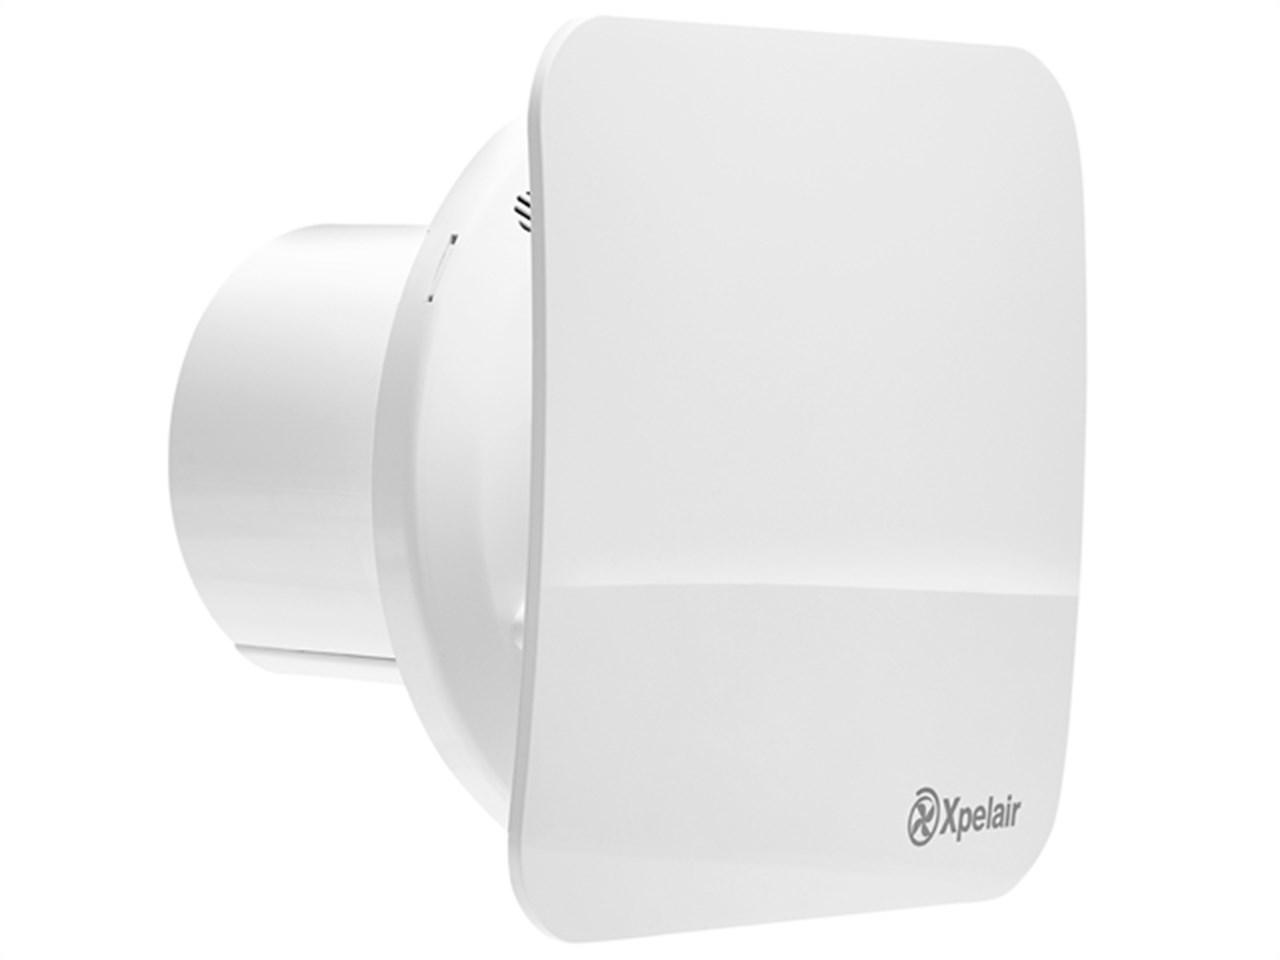 Rdl bathroom extractor fan - Humidistat Bathroom Extractor Fans Humidistat Bathroom Extractor Fans 38